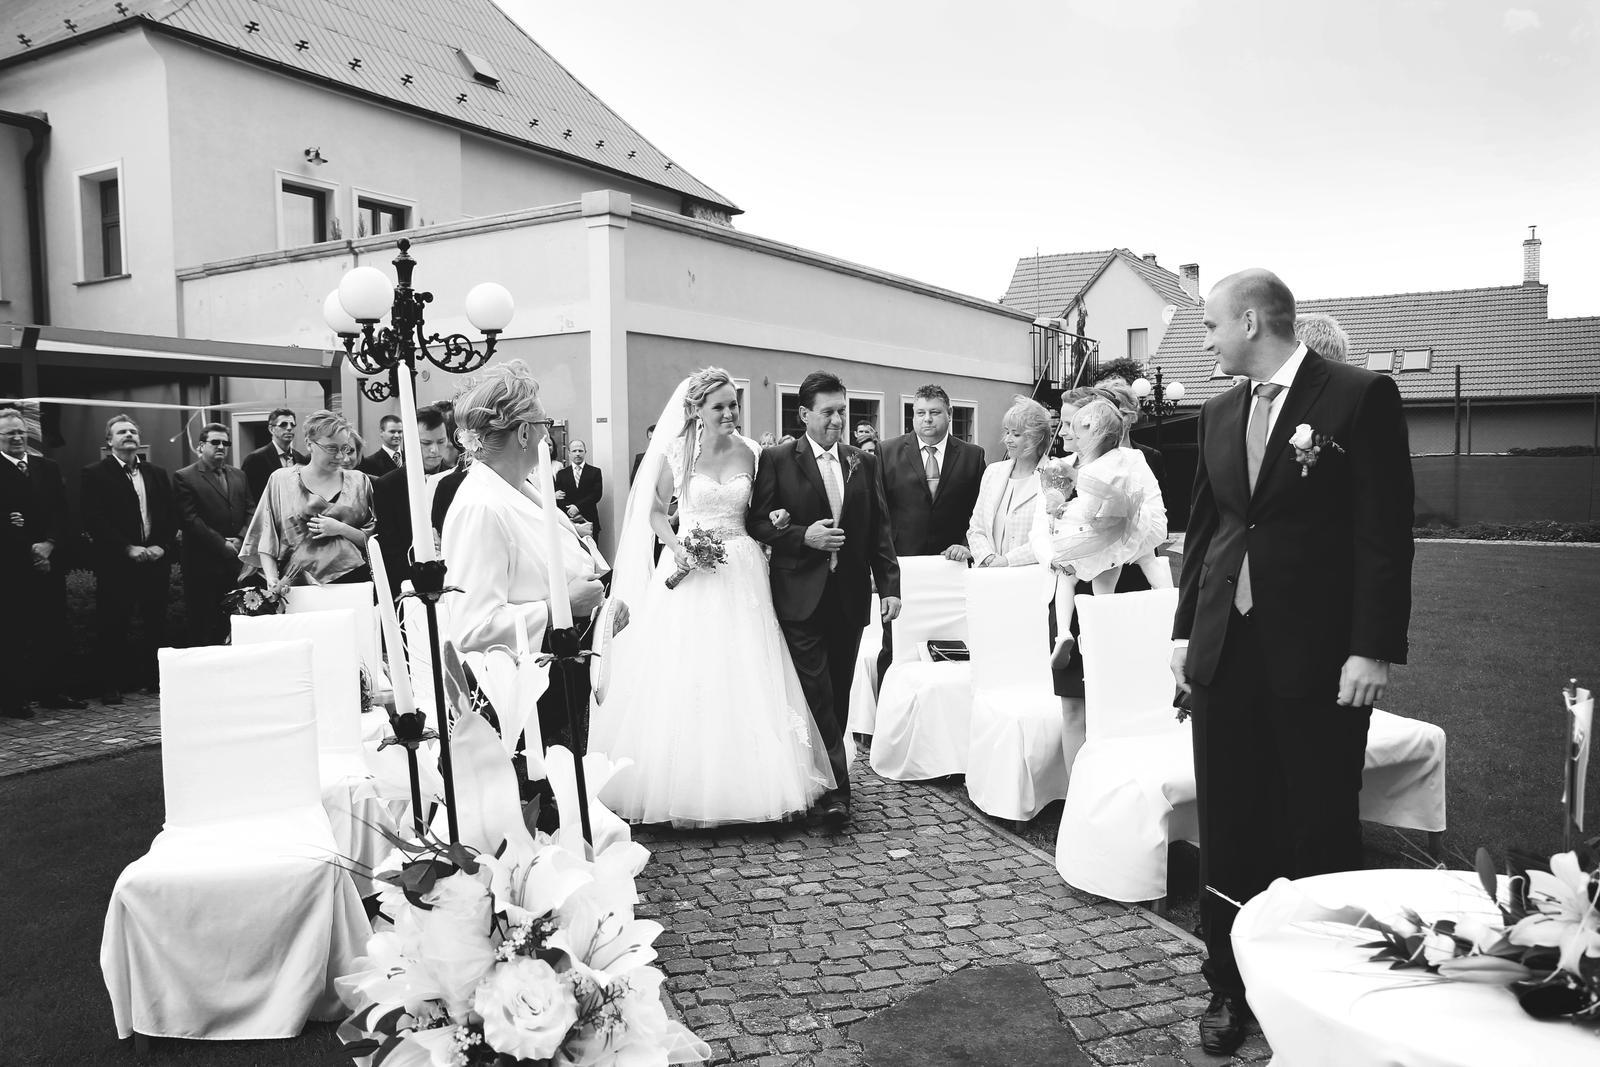 """Lenka{{_AND_}}Tomáš - Príchod k oltaru za doprovodu piesne """"Ve snu sa vdávam"""", bolo to netypicke ale krásne"""